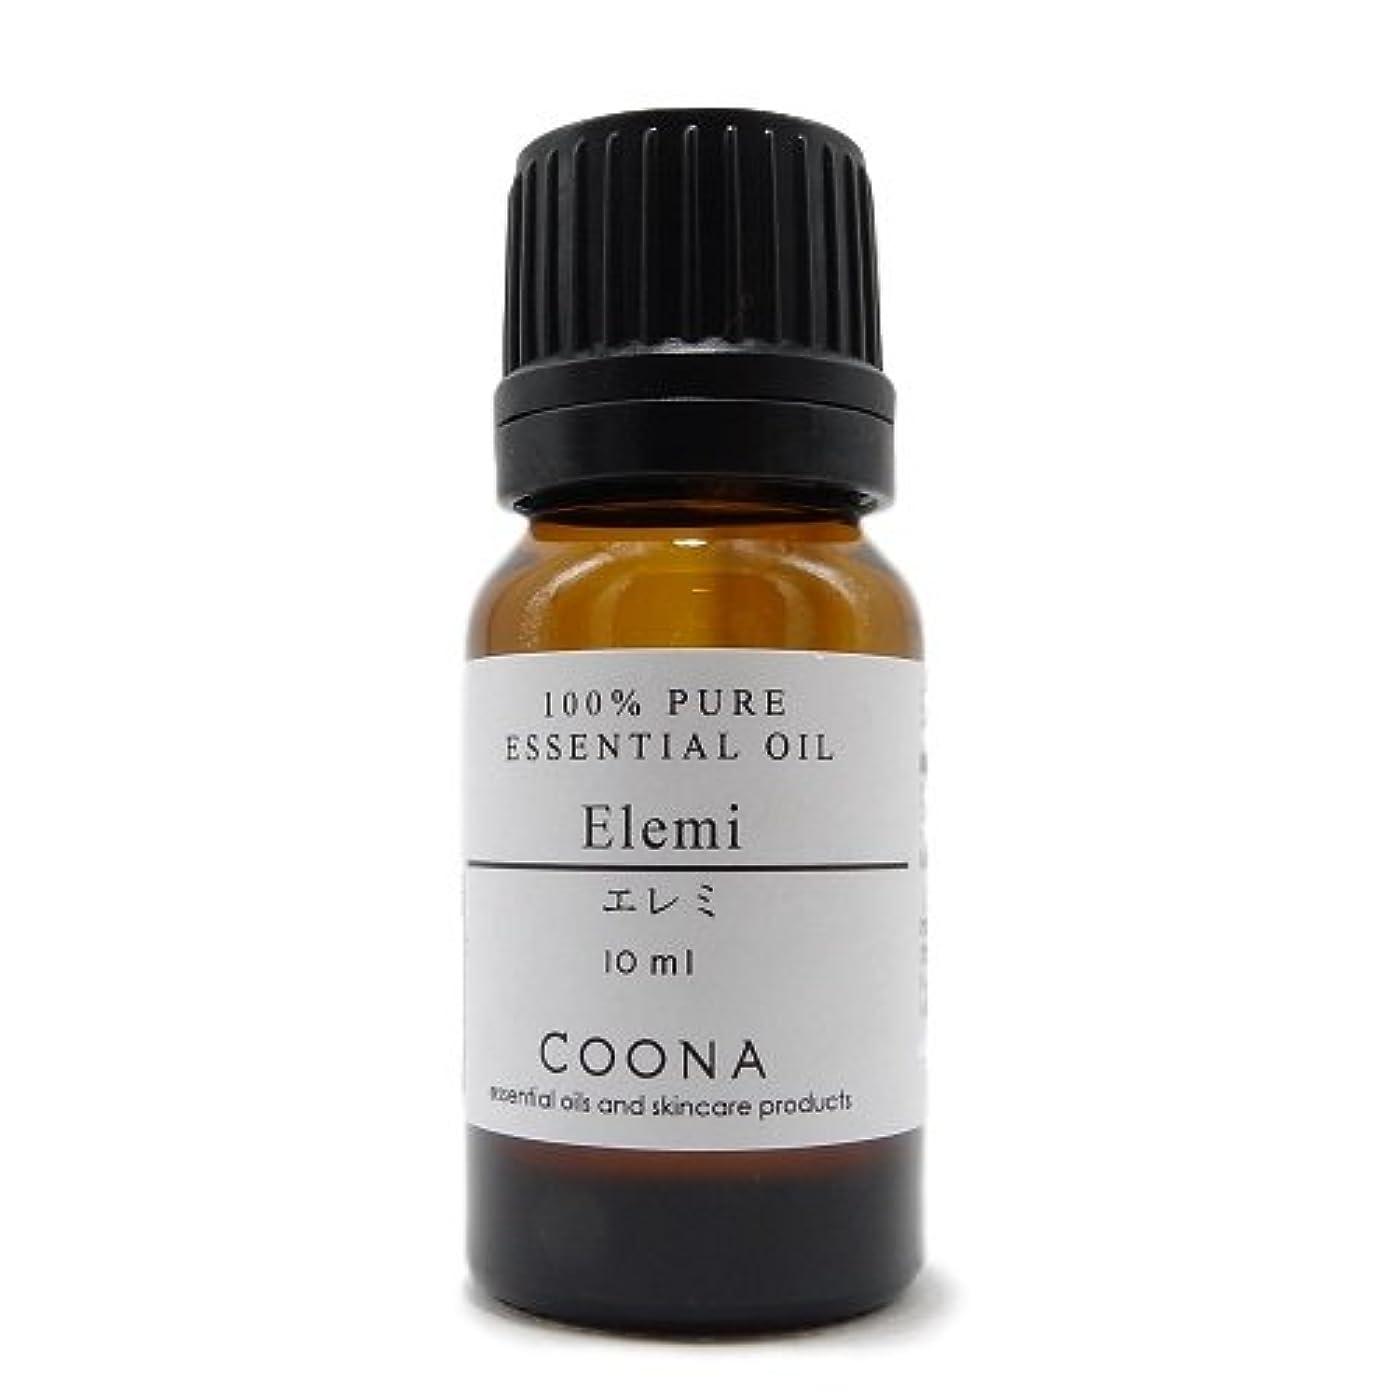 絶妙当社アレルギー性エレミ 10 ml (COONA エッセンシャルオイル アロマオイル 100%天然植物精油)